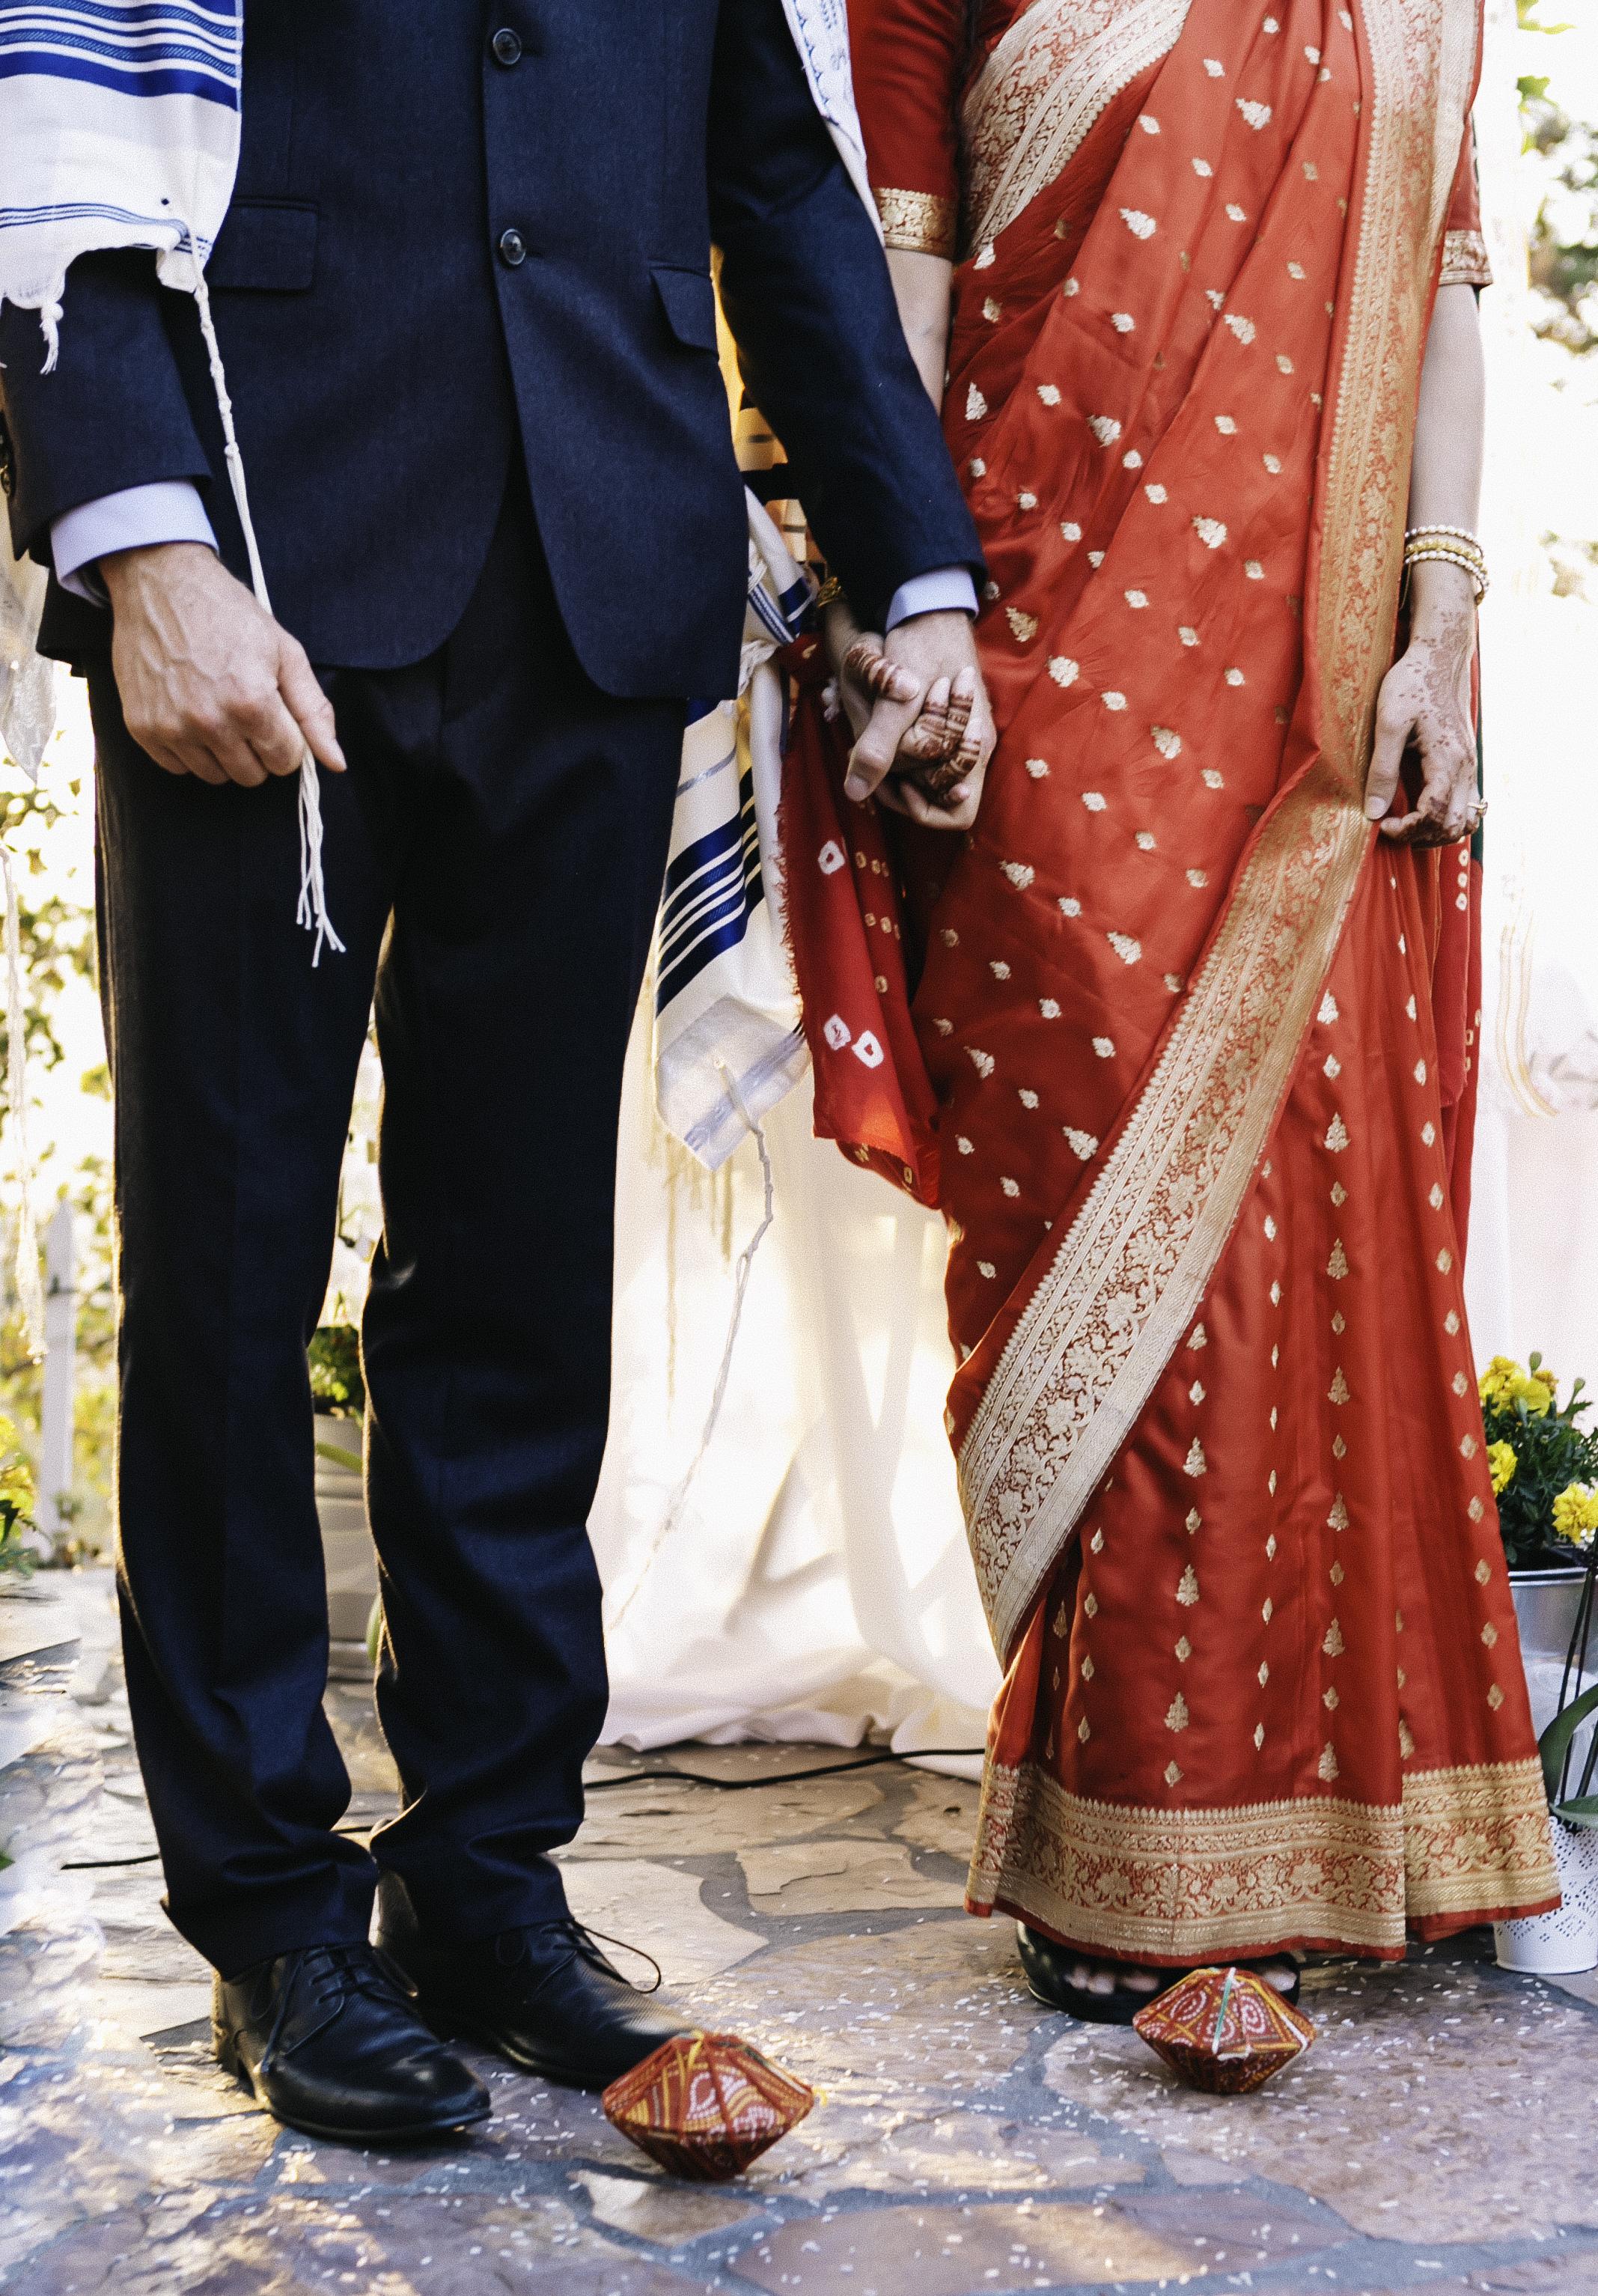 wedding portfolio 2016 - 9691.jpg